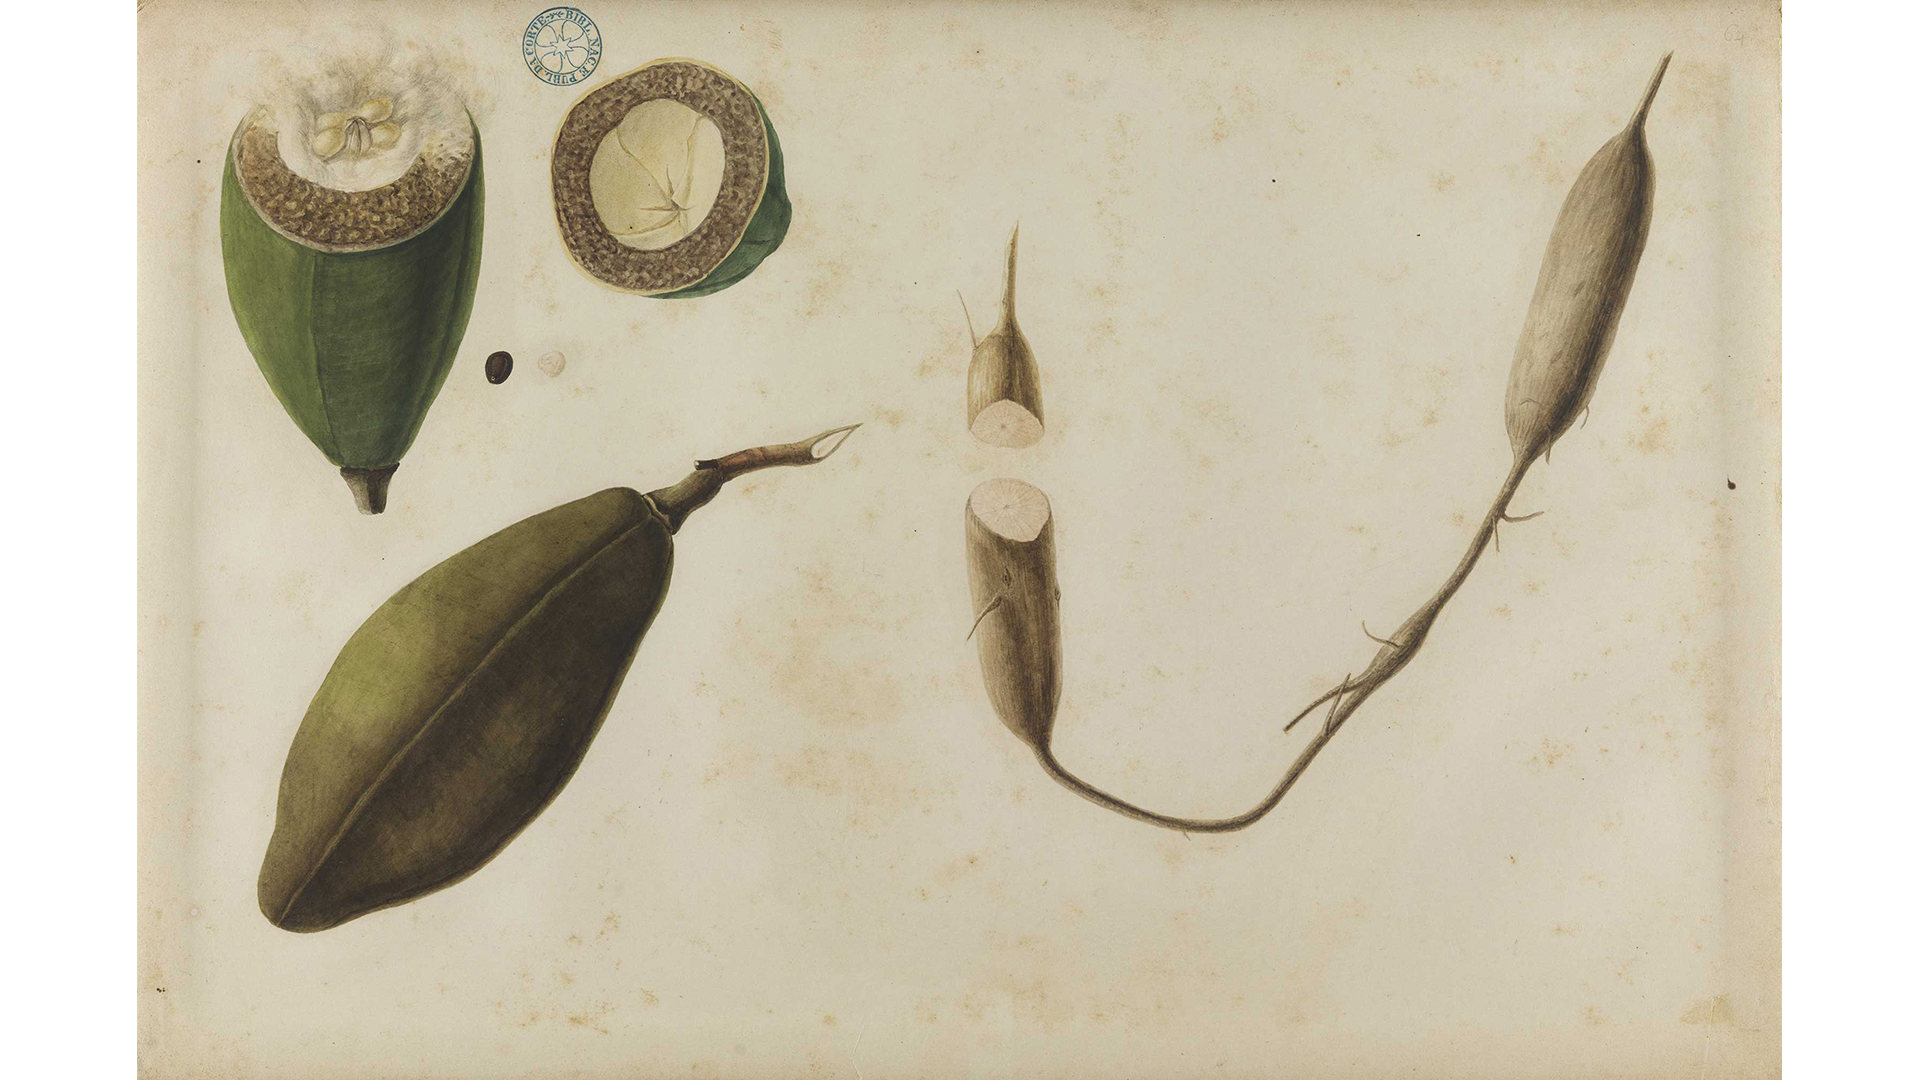 Cacau (1859-1861), de José Carlos dos Reis Carvalho